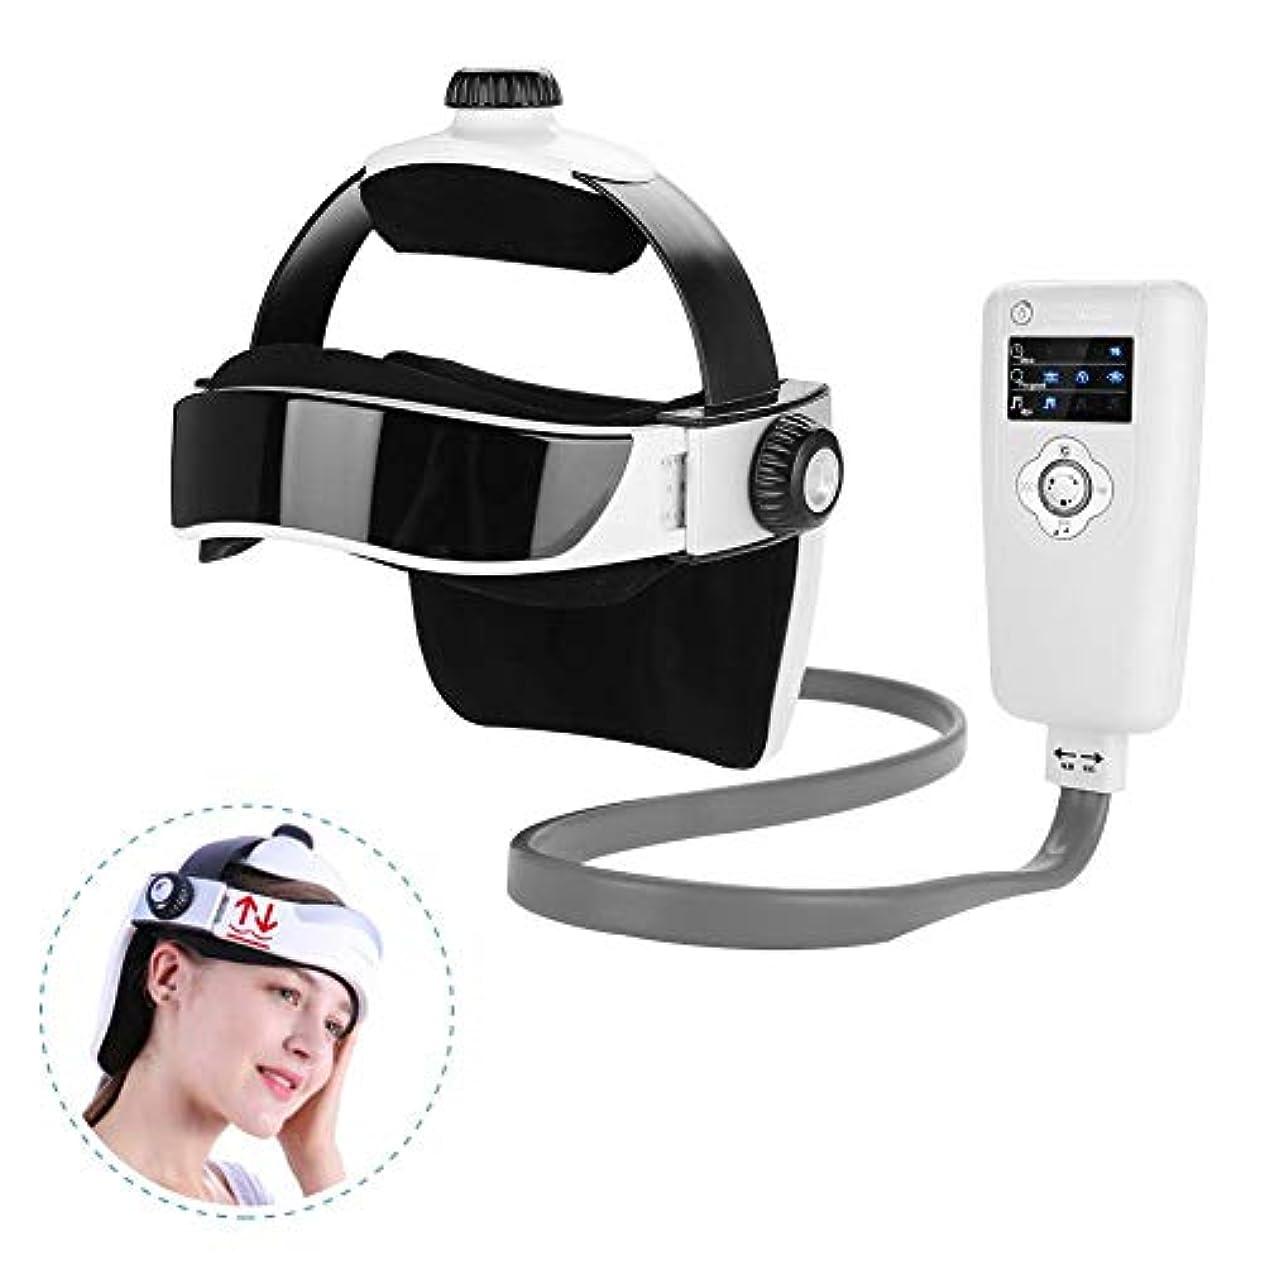 オフ自然ネクタイヘッド振動マッサージャー、電気インテリジェント指プレスマッサージヘルメット、恒温脳リラックスワイヤレスコントローラーと内蔵音楽ヘルスケアツール付きマッサージ